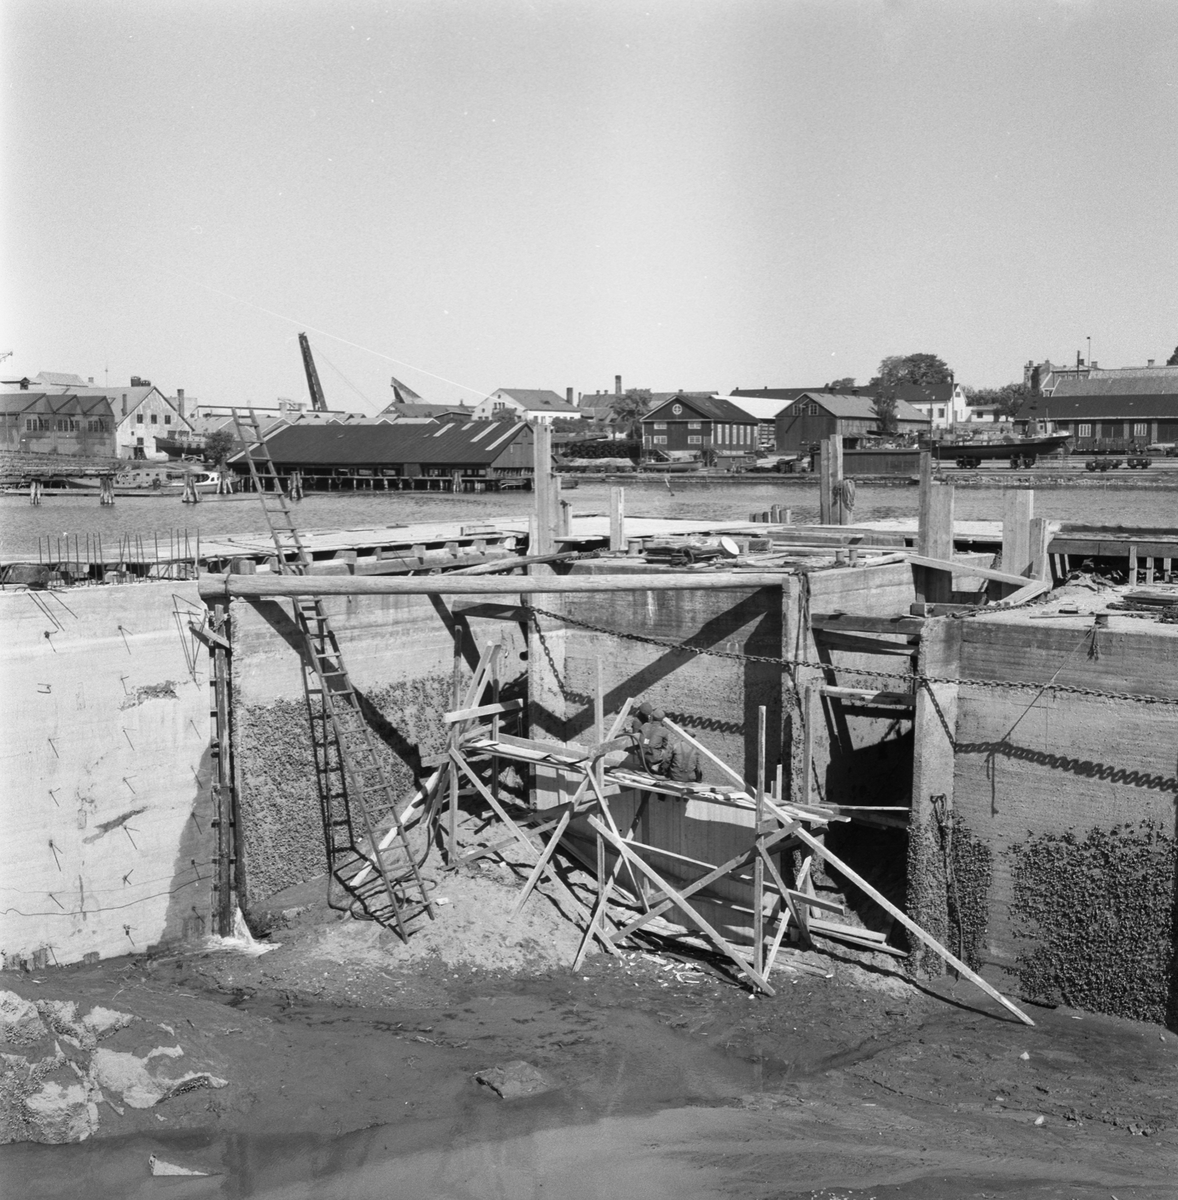 Övrigt: Fotodatum:23/5 1959 Byggnader och Kranar. Polhemsdockan (fångdammen)